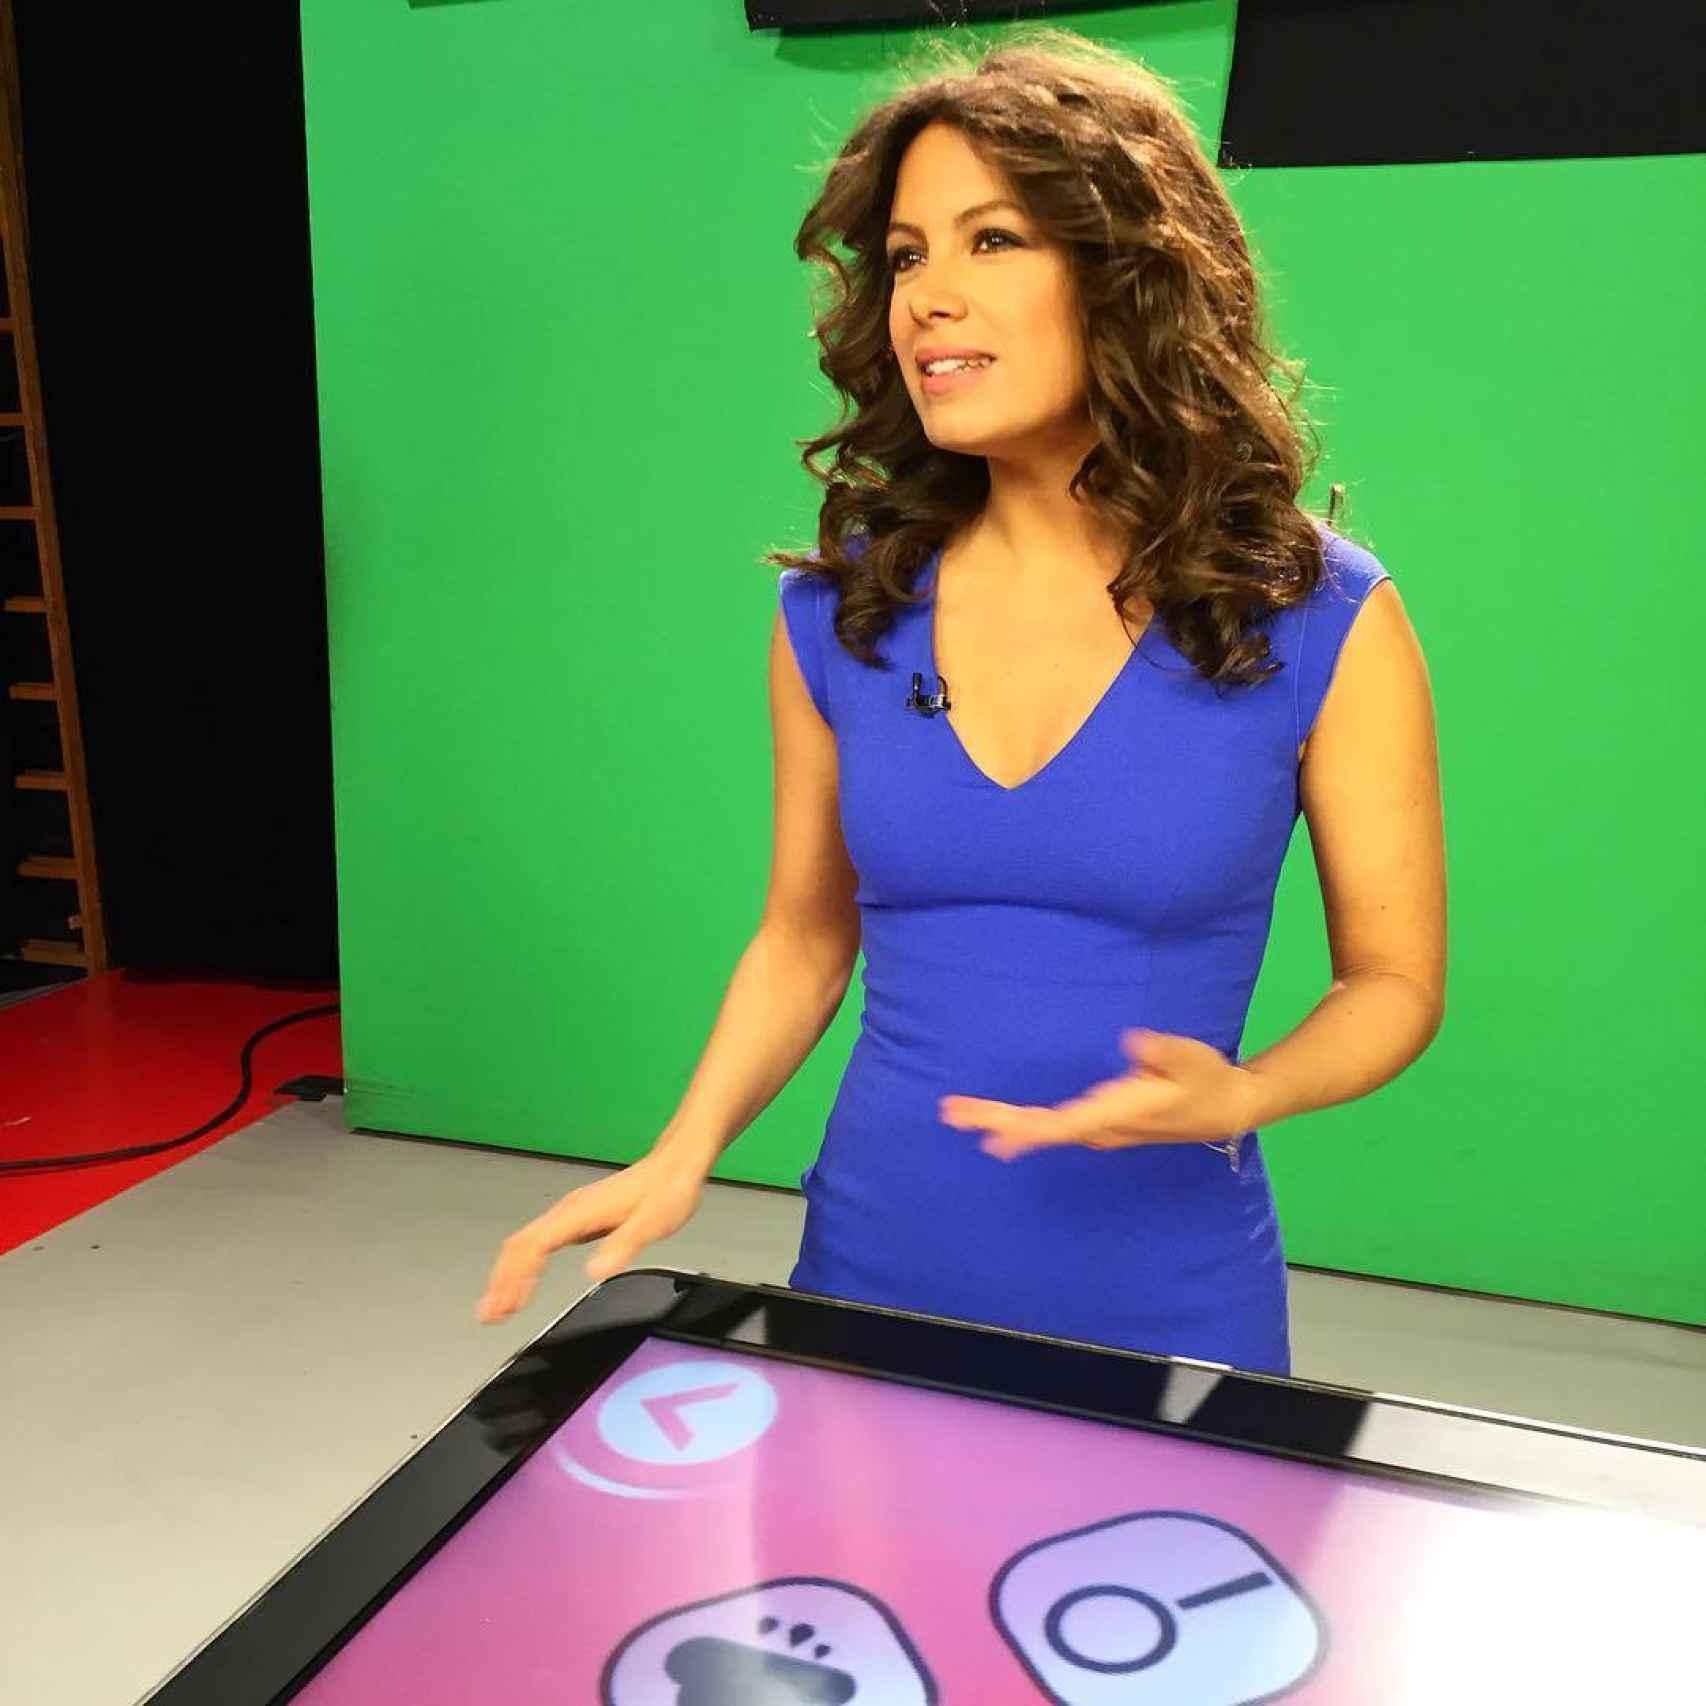 Laura Madrueño en el set de rodaje de Cuatro